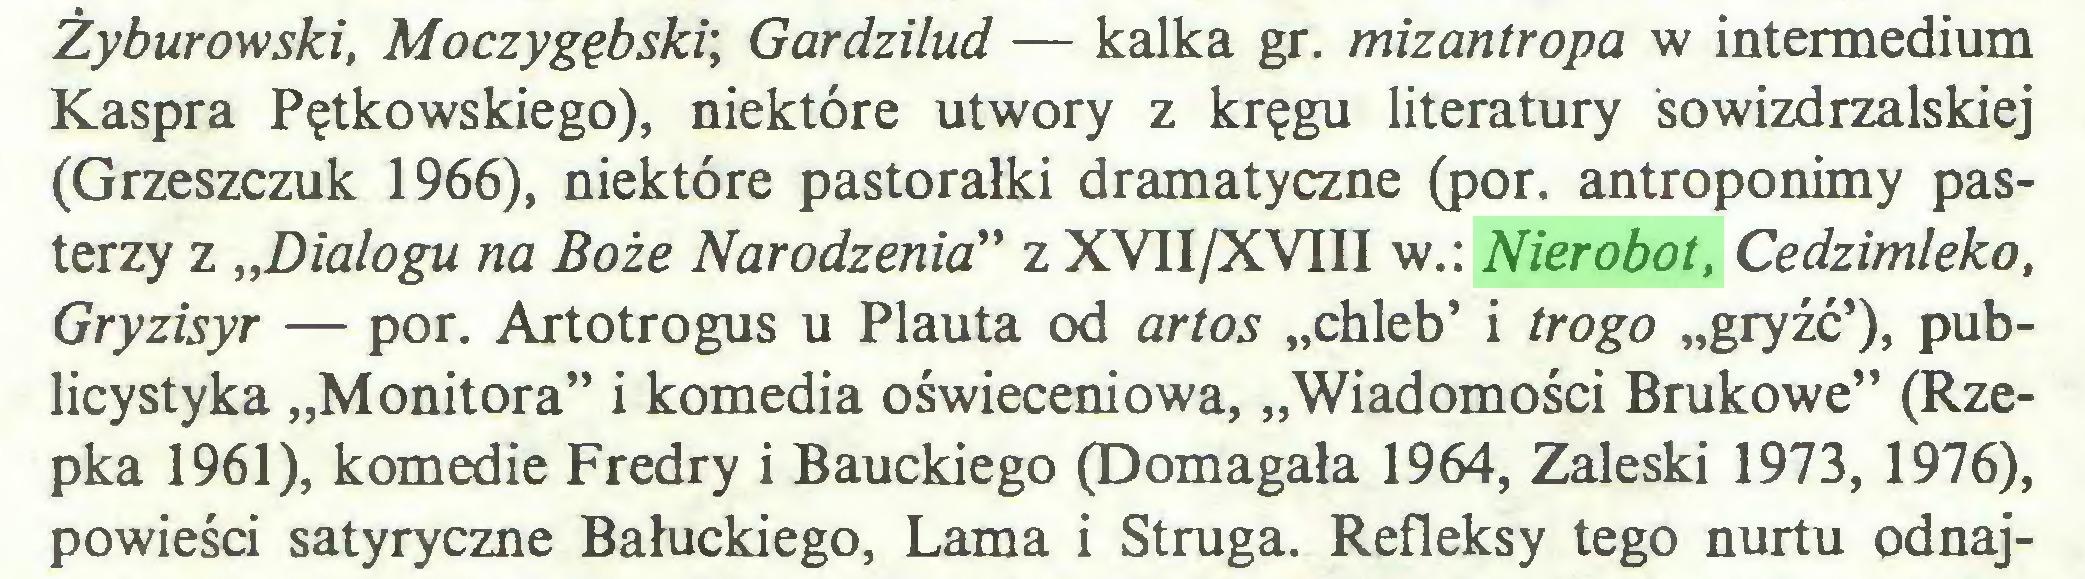 """(...) Żyburowski, Moczygębski\ Gardzilud — kalka gr. mizantropa w intermedium Kaspra Pętkowskiego), niektóre utwory z kręgu literatury sowizdrzalskiej (Grzeszczuk 1966), niektóre pastorałki dramatyczne (por. antroponimy pasterzy z """"Dialogu na Boże Narodzenia"""" z XVII/XVIII w.: Nierobot, Cedzimleko, Gryzisyr — por. Artotrogus u Plauta od artos """"chleb' i trogo """"gryźć'), publicystyka """"Monitora"""" i komedia oświeceniowa, """"Wiadomości Brukowe"""" (Rzepka 1961), komedie Fredry i Bauckiego (Domagała 1964, Zaleski 1973, 1976), powieści satyryczne Bałuckiego, Lama i Struga. Refleksy tego nurtu odnaj..."""